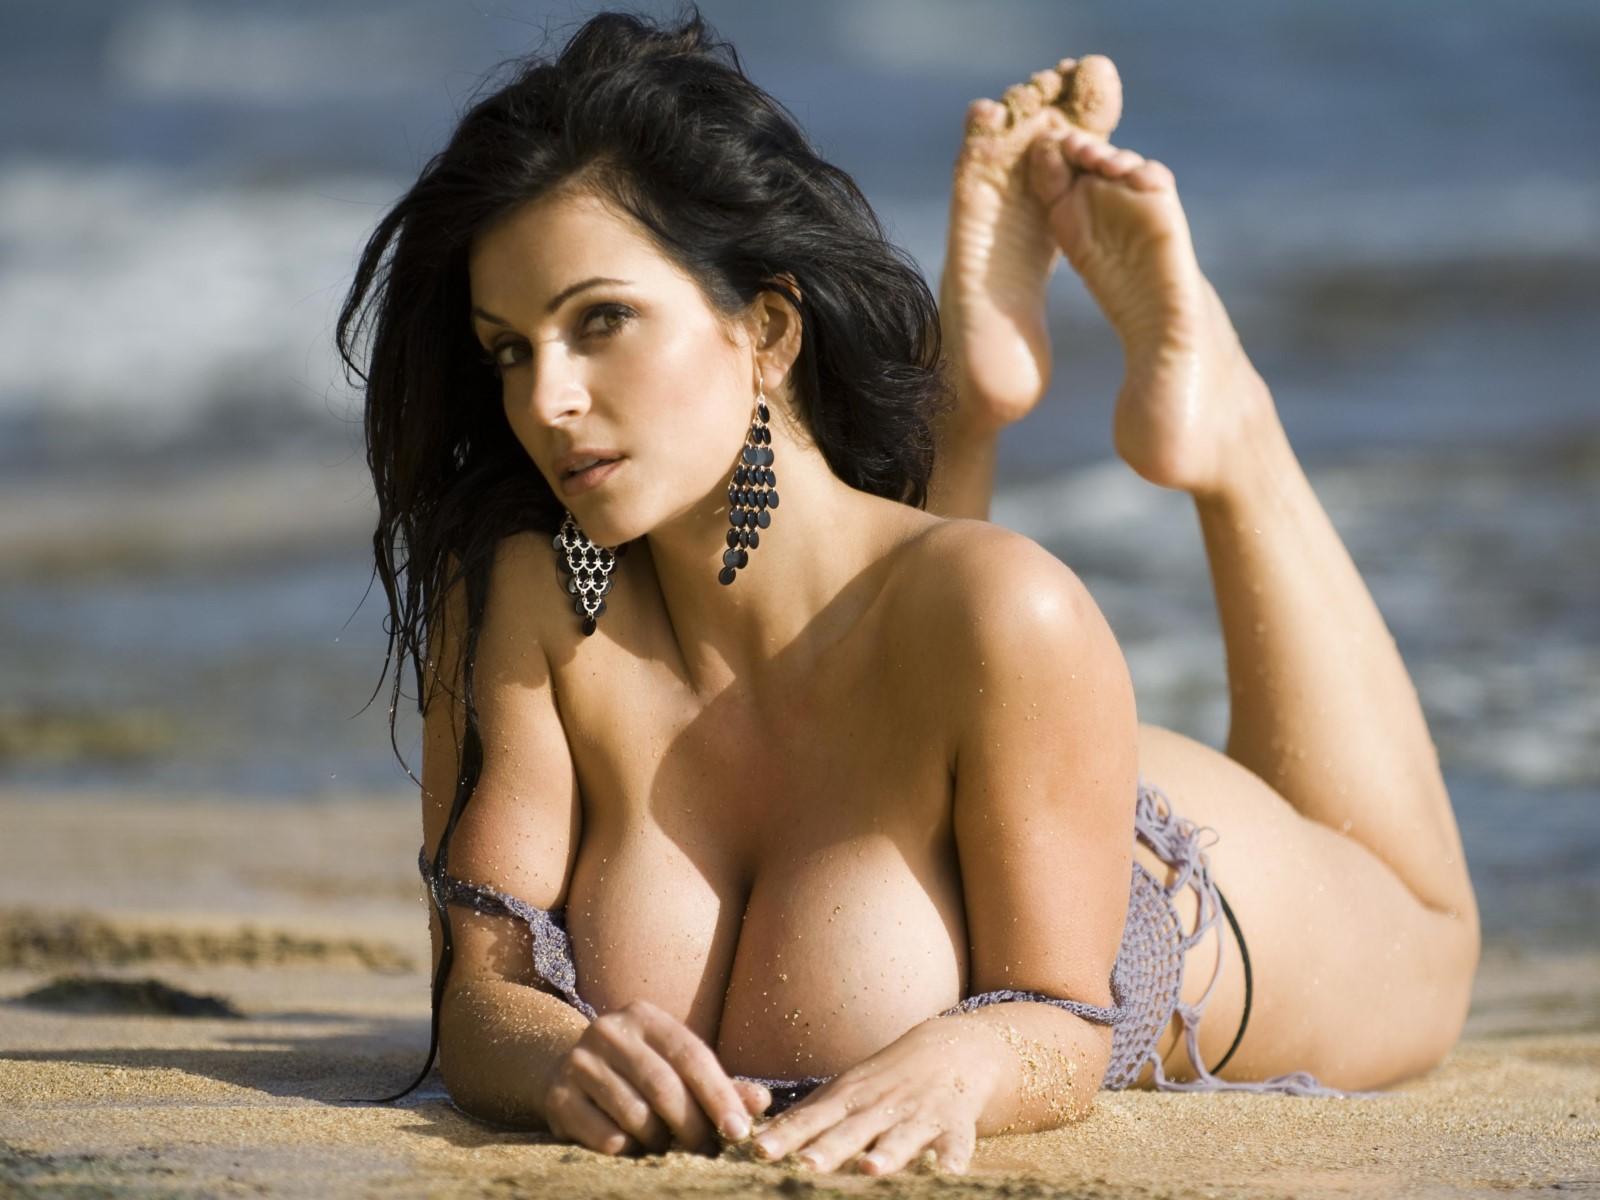 """Résultat de recherche d'images pour """"Hot Erotic Photos Mix"""""""